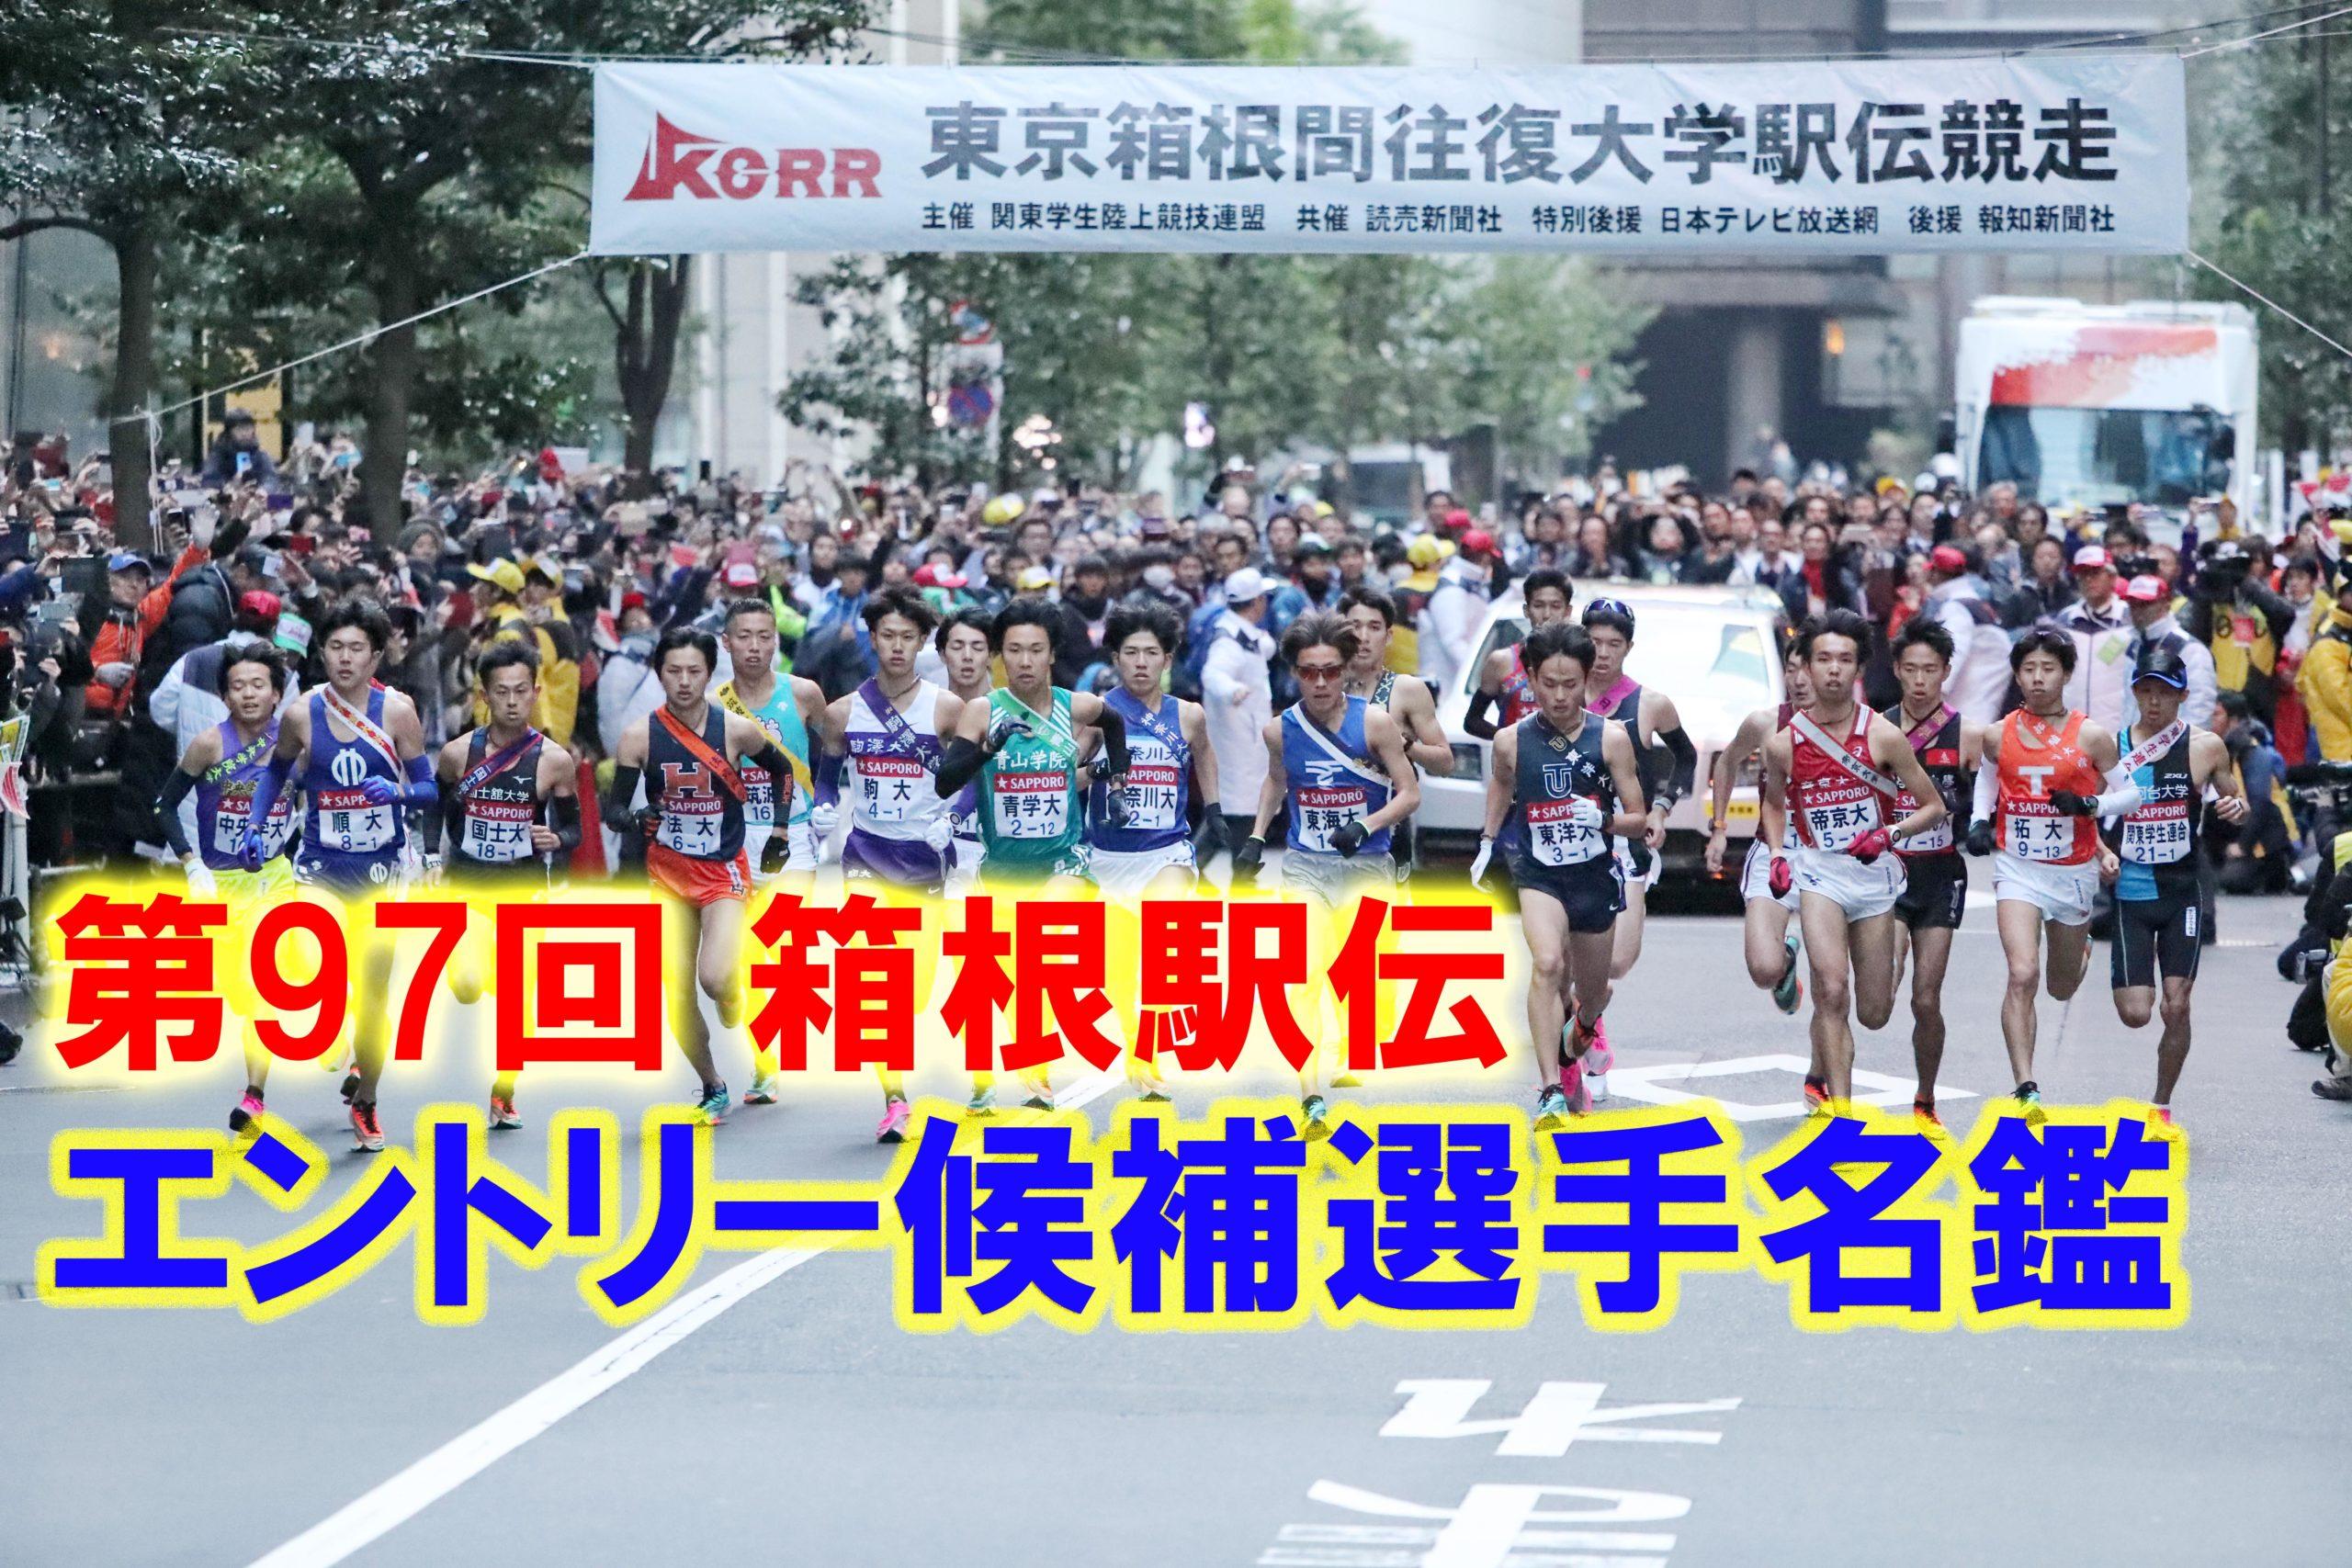 第97回(2021年)箱根駅伝 出場チーム選手名鑑